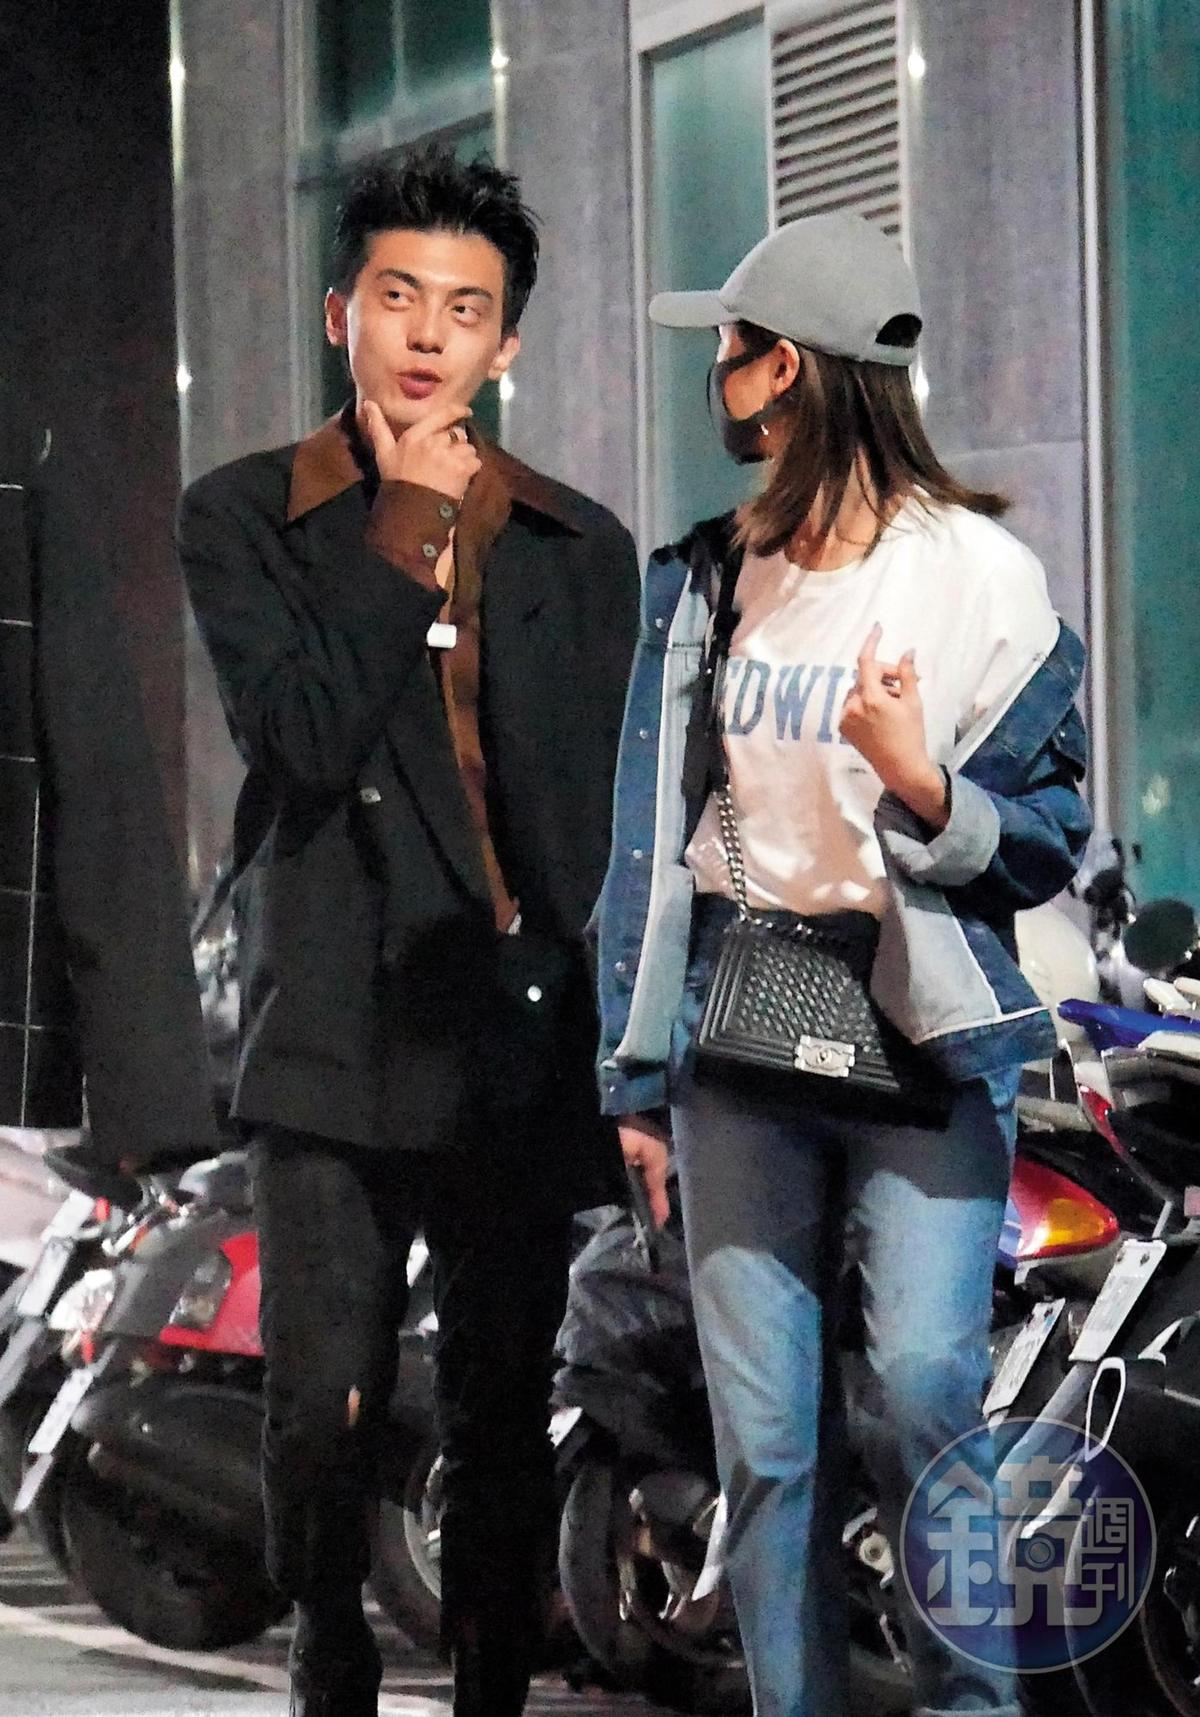 謝富丞和妞妞一起走到路旁叫車,兩人的服裝品味看似差異甚大,卻很有默契地將小包掛在腰前。